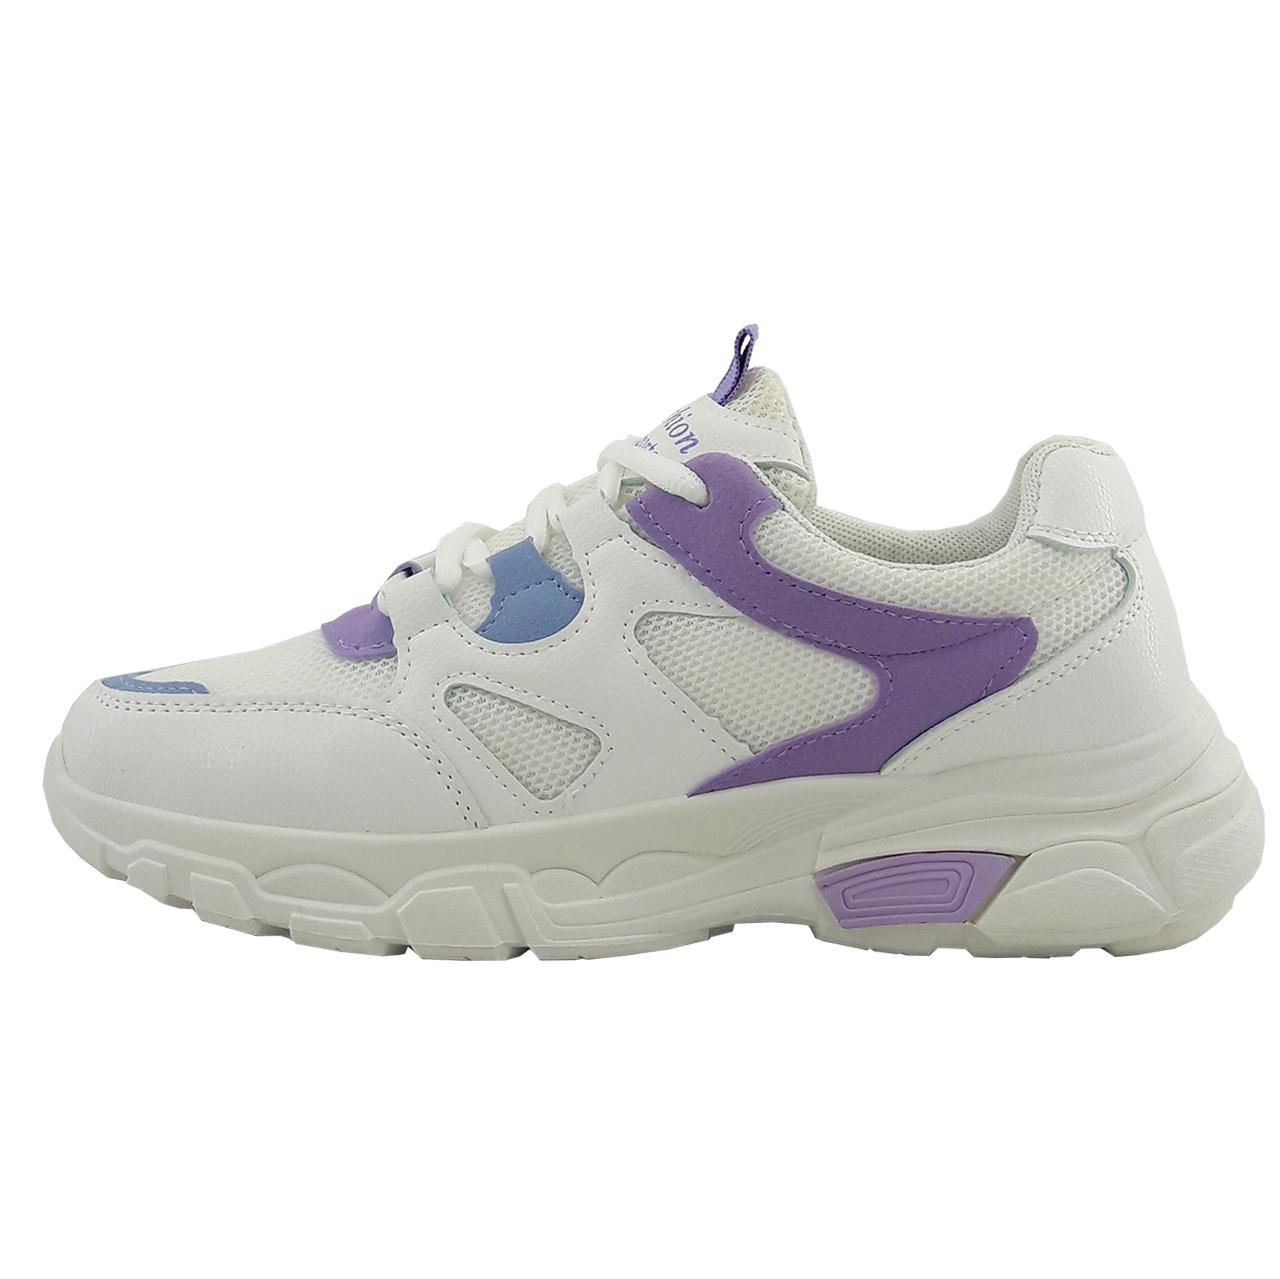 کفش مخصوص پیاده روی زنانه فشن مدل s.8.wh.prp-01